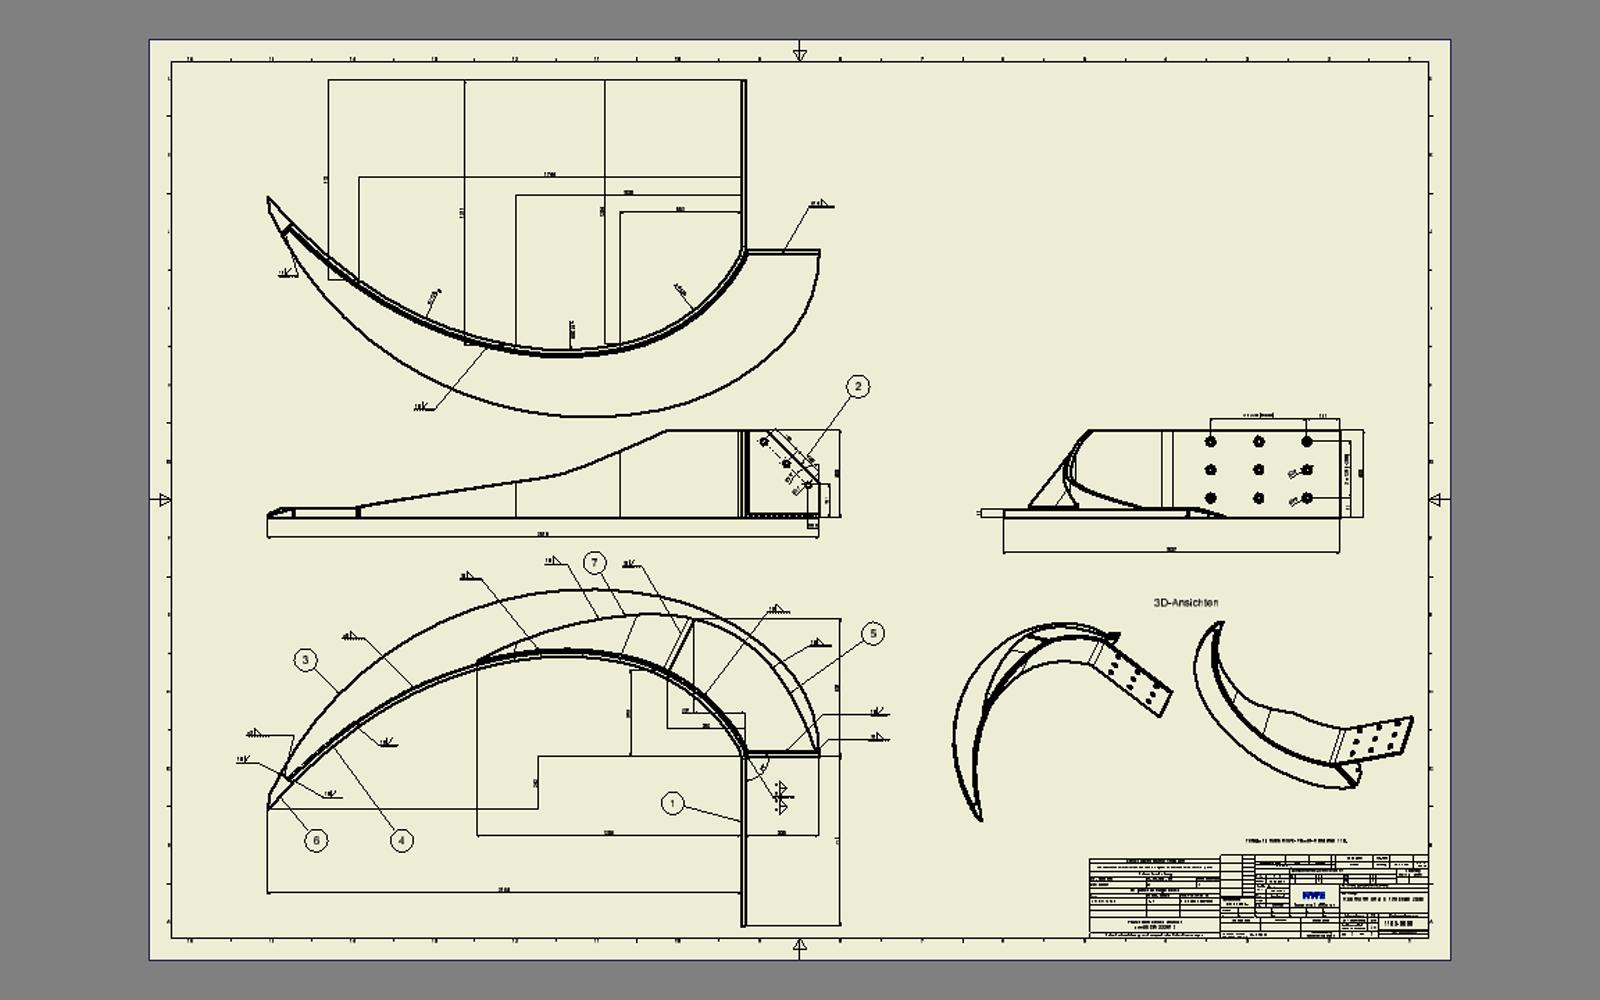 Conap 3D Reverse Engineering - Räumarm zur Vorlage